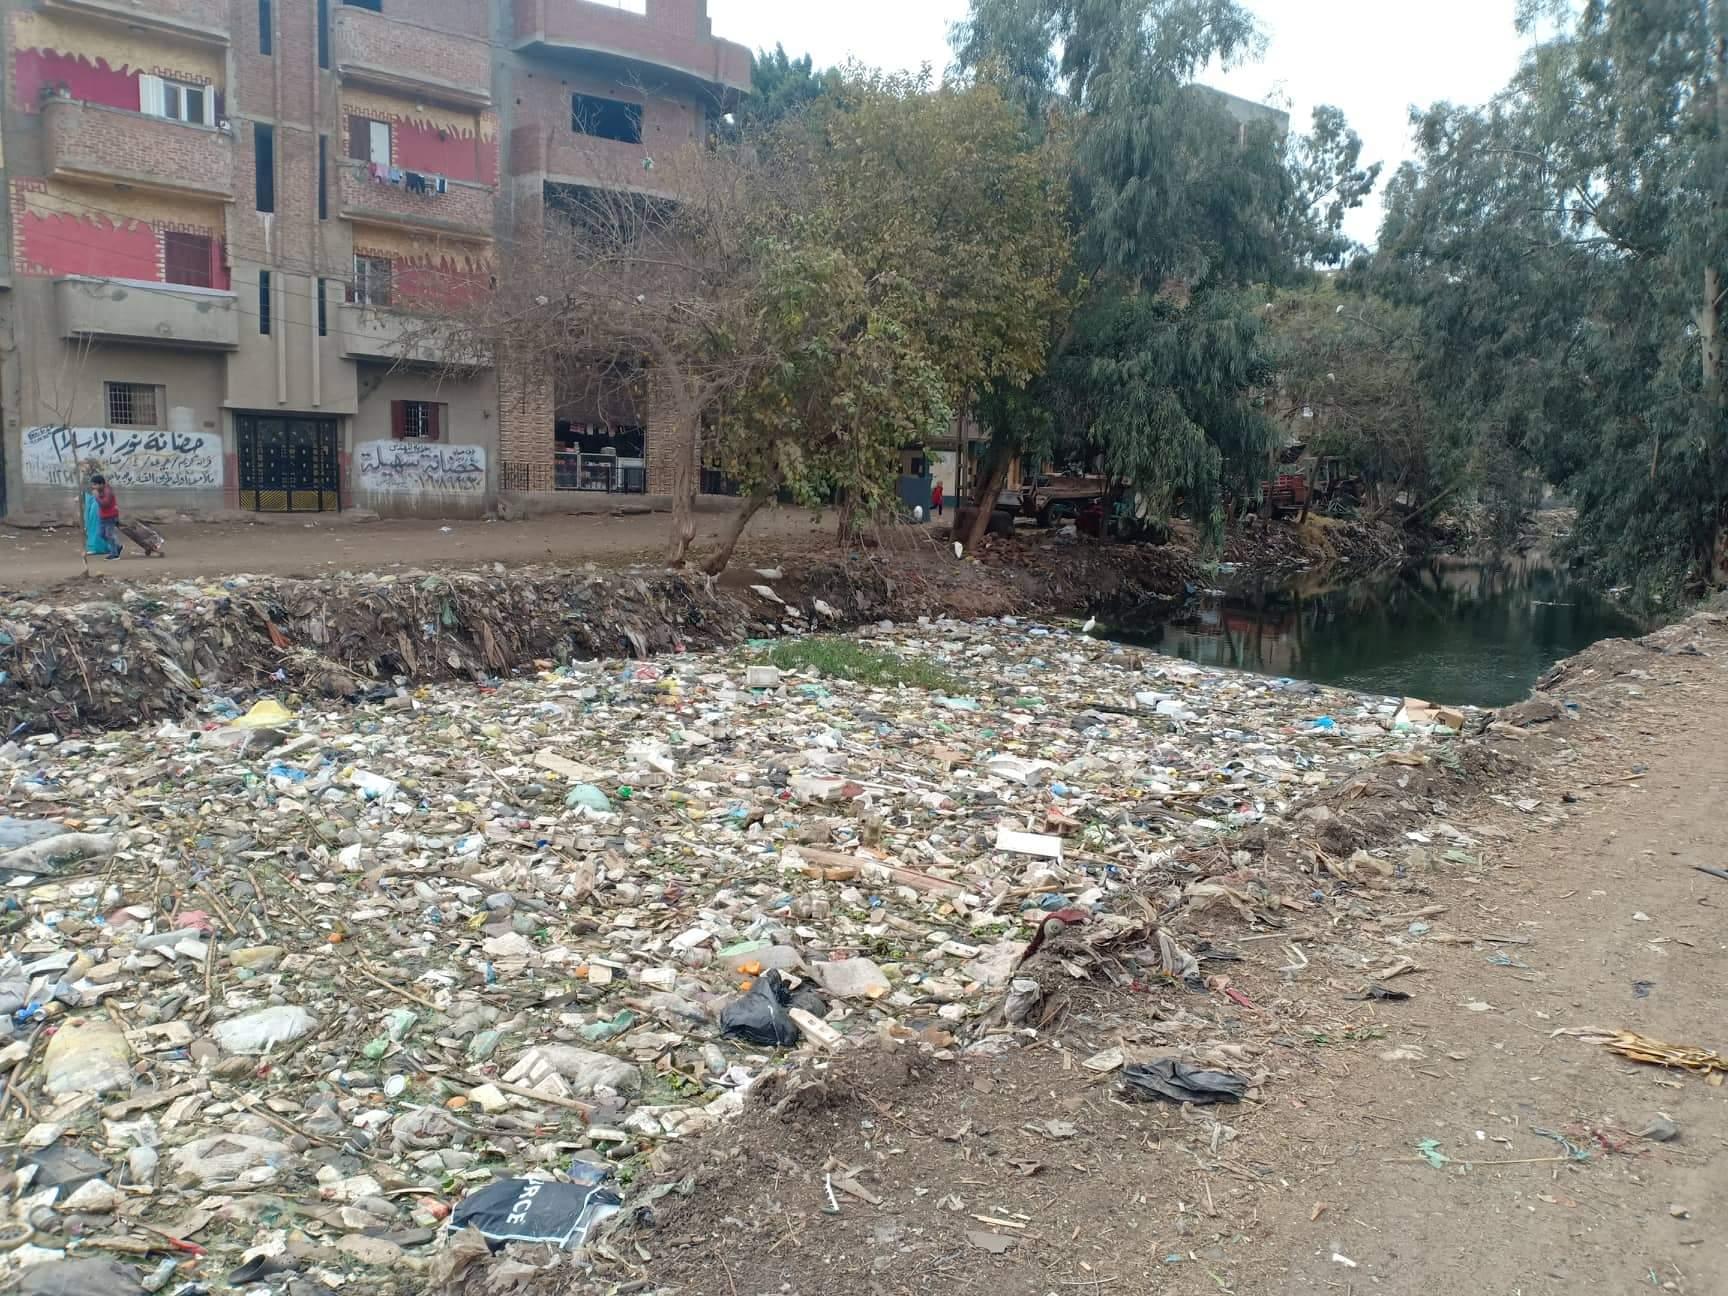 أهالى قرى ملامس بالشرقية يطالبون بتطهير الترعة من القاذورات (1)